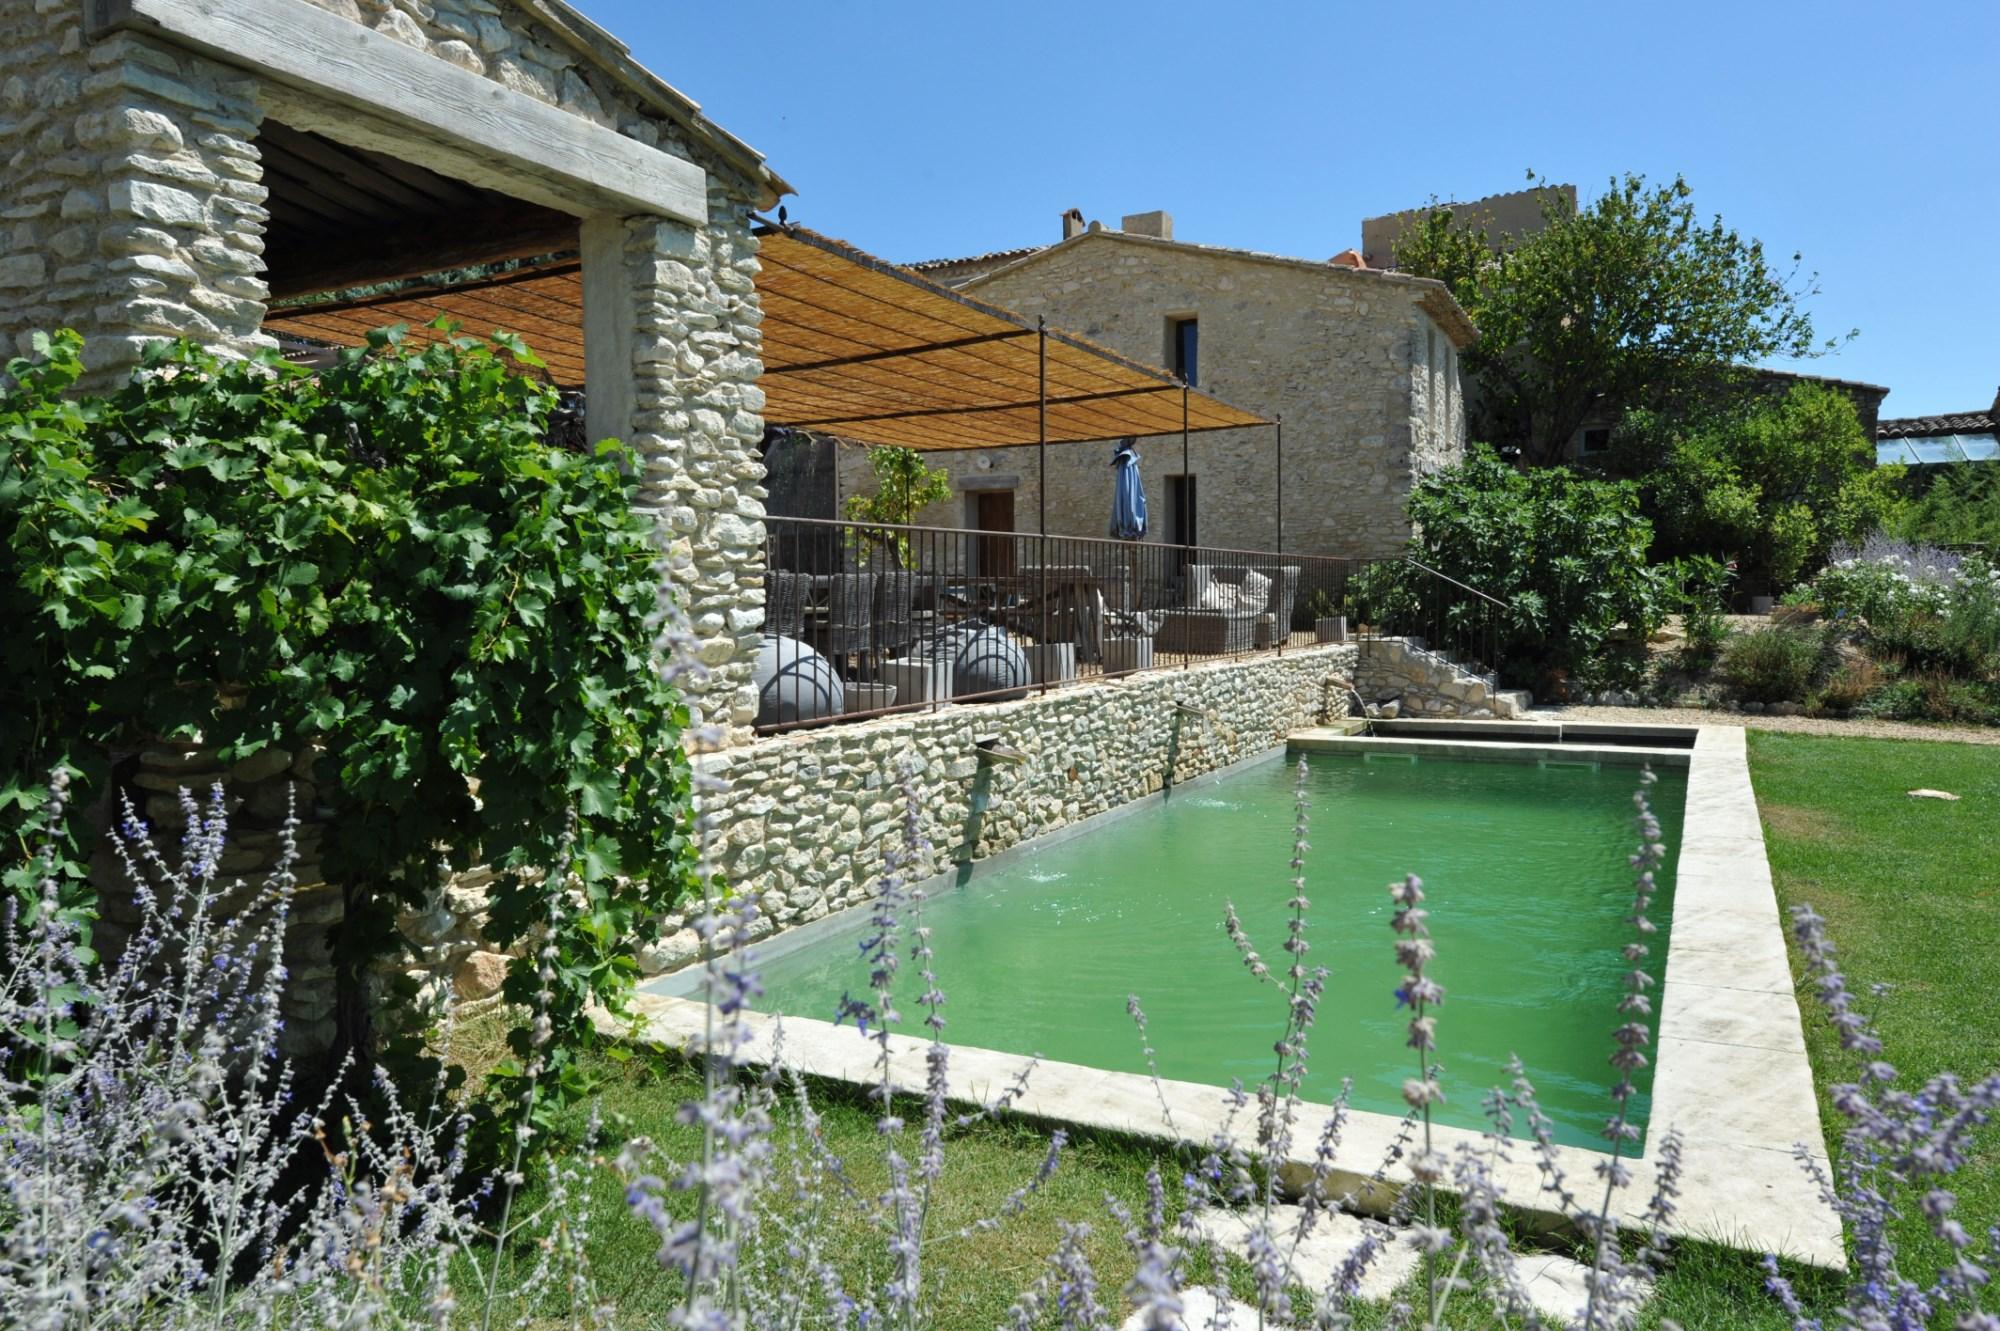 Salle de bain ancienne a vendre for Ancienne lorette piscine